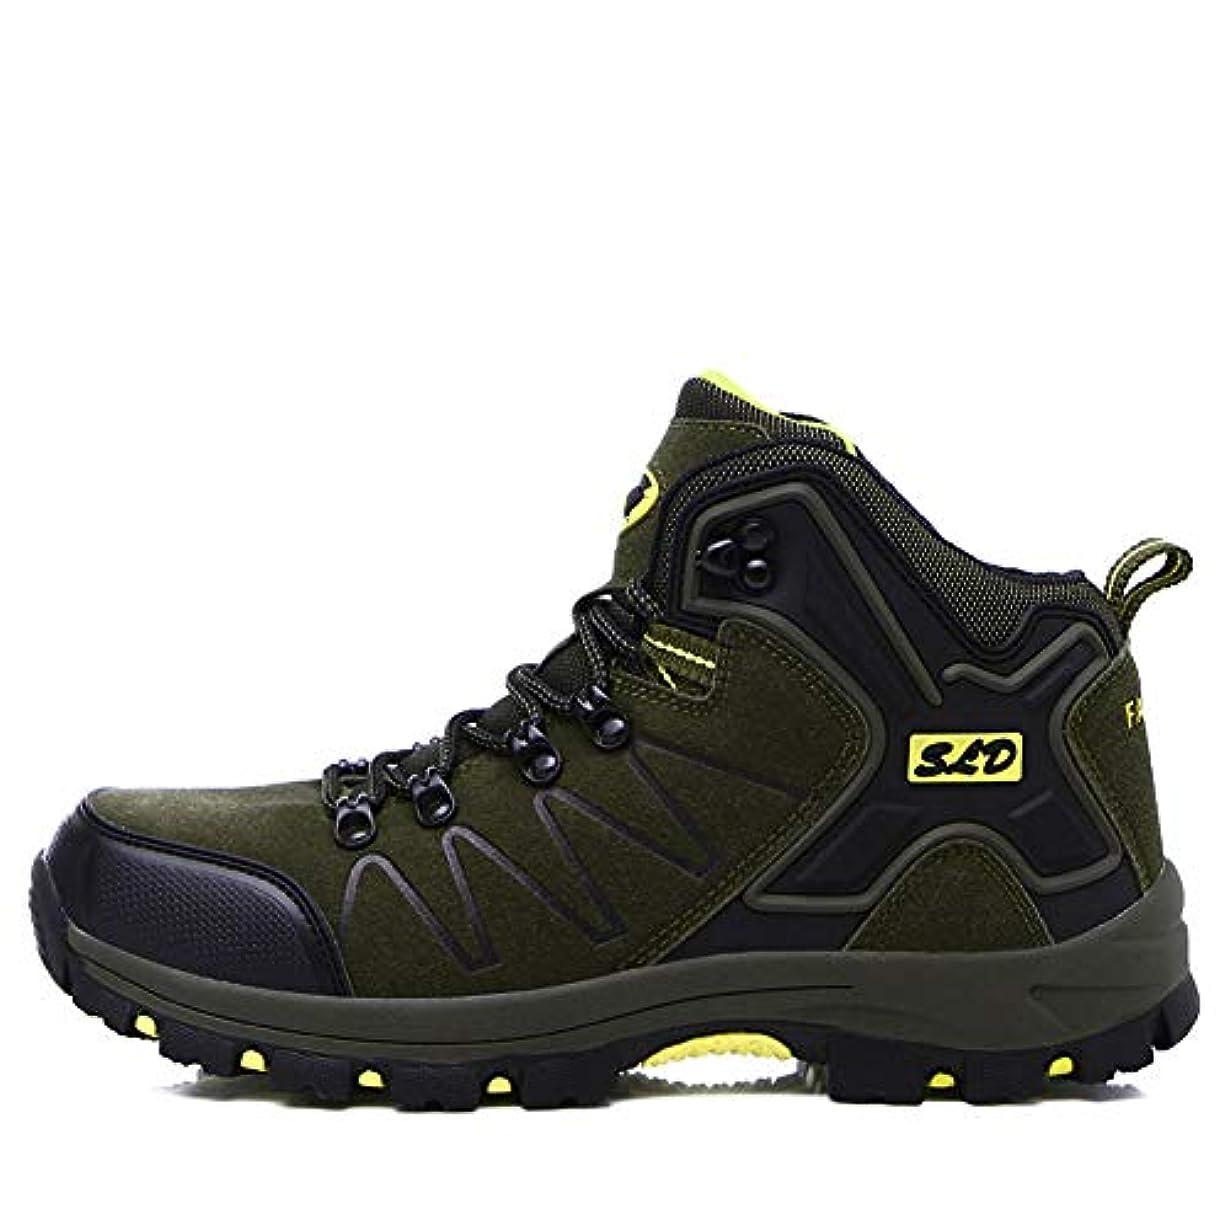 市の中心部バルブあたたかい[TcIFE] トレッキングシューズ メンズ 防水 防滑 ハイカット 登山靴 大きいサイズ ハイキングシューズ メンズ 耐磨耗 ハイキングシューズ メンズ 通気性 スニーカー